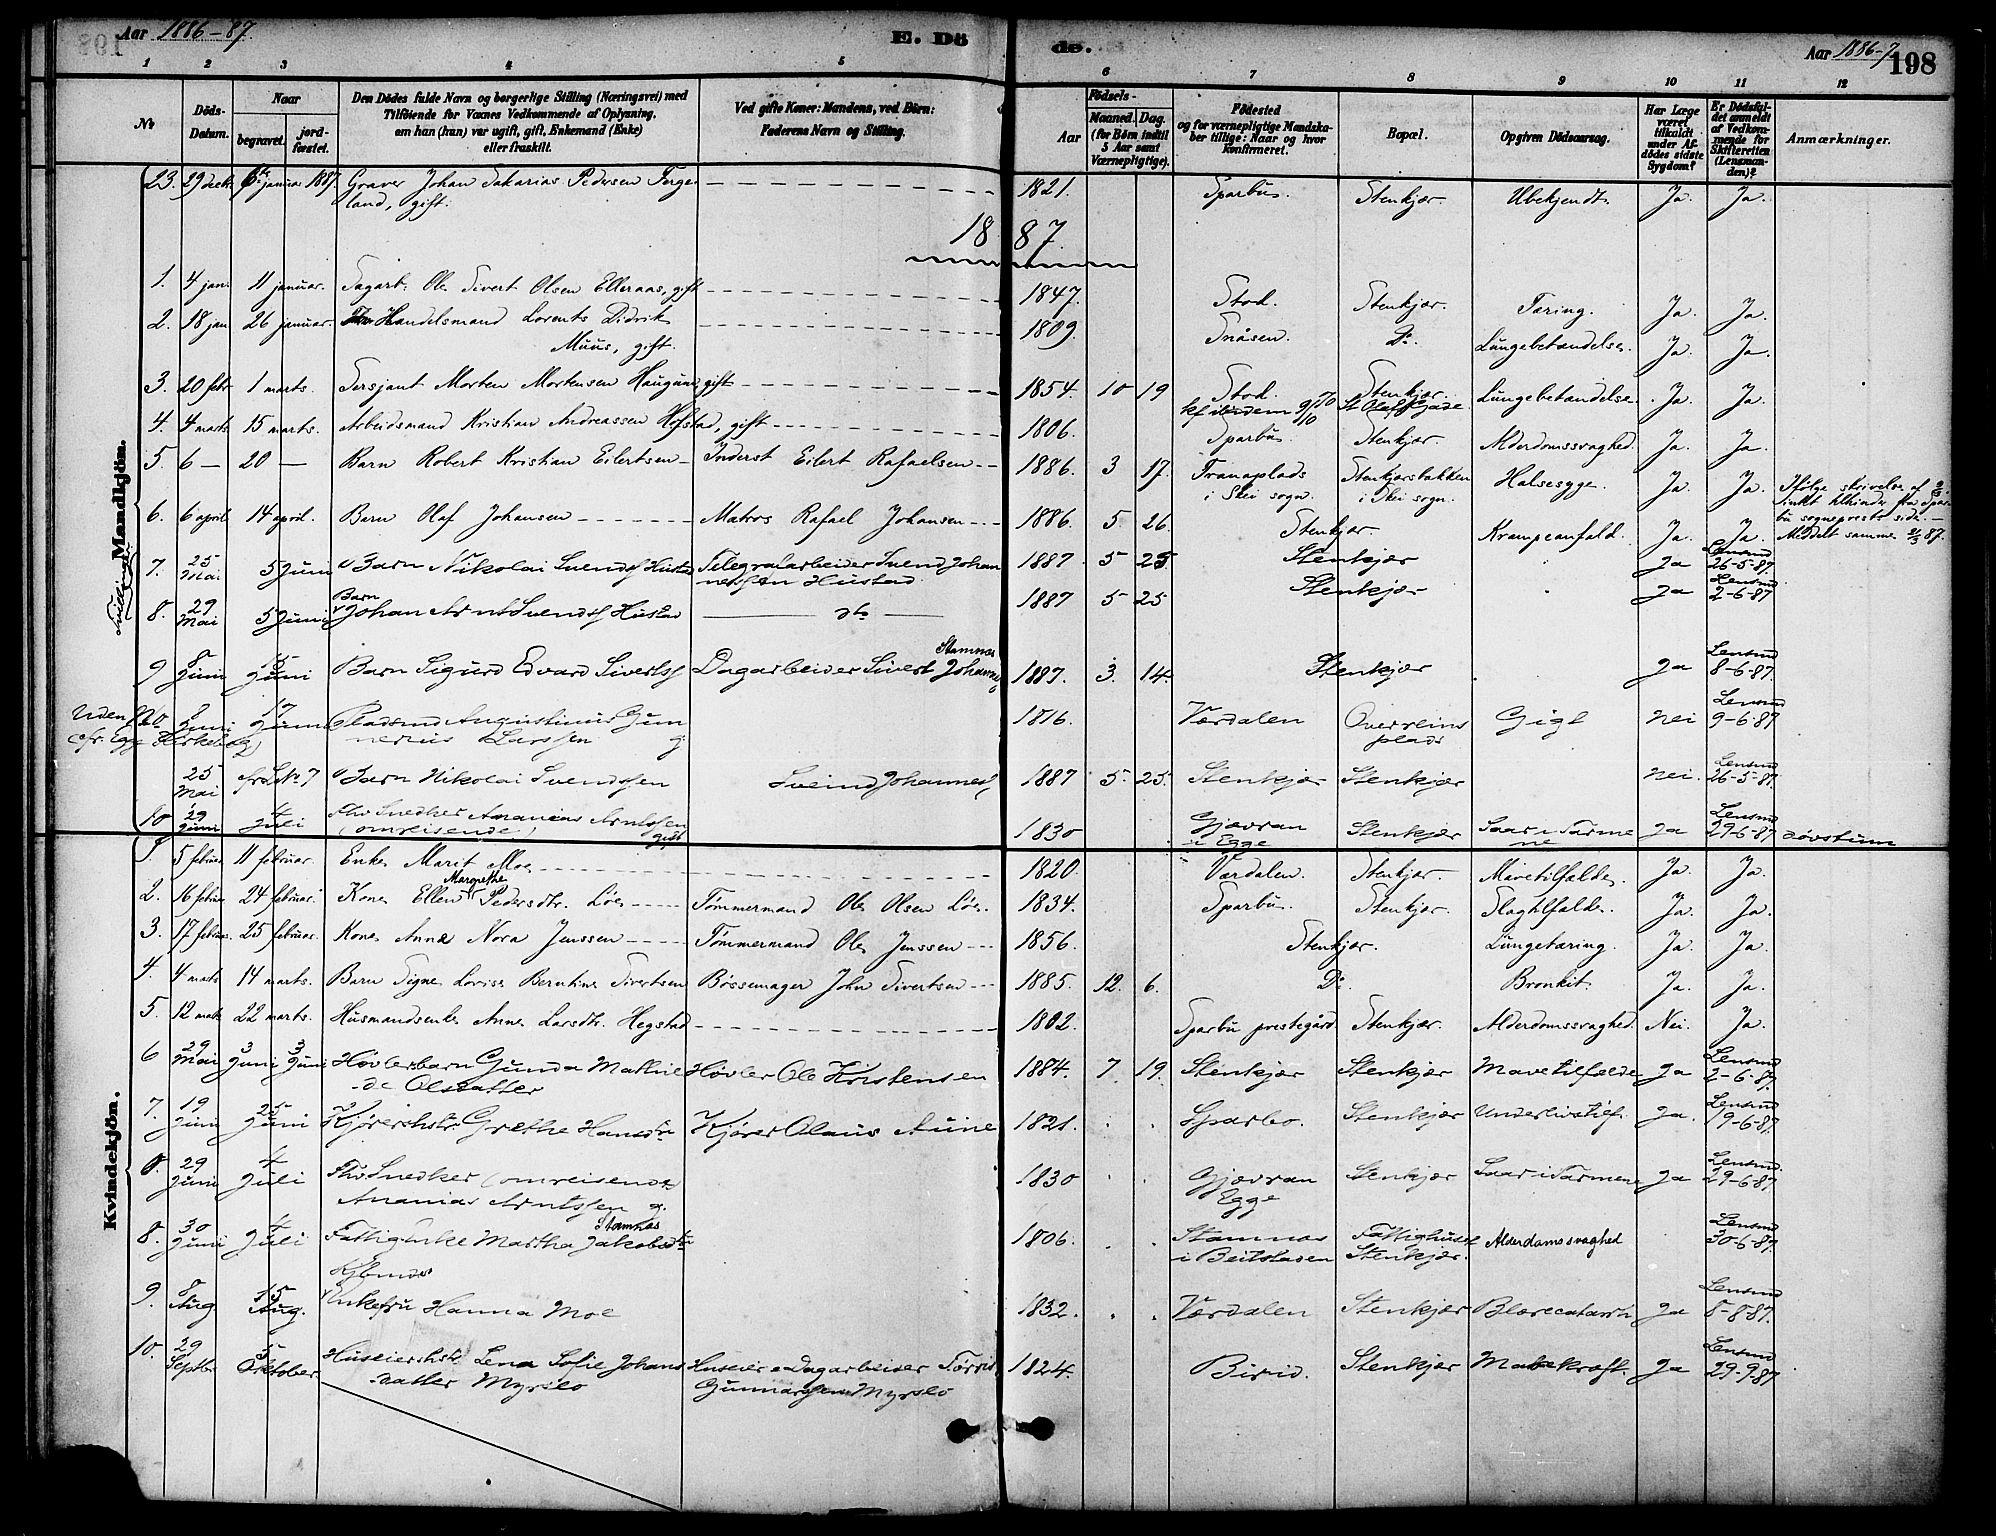 SAT, Ministerialprotokoller, klokkerbøker og fødselsregistre - Nord-Trøndelag, 739/L0371: Ministerialbok nr. 739A03, 1881-1895, s. 198